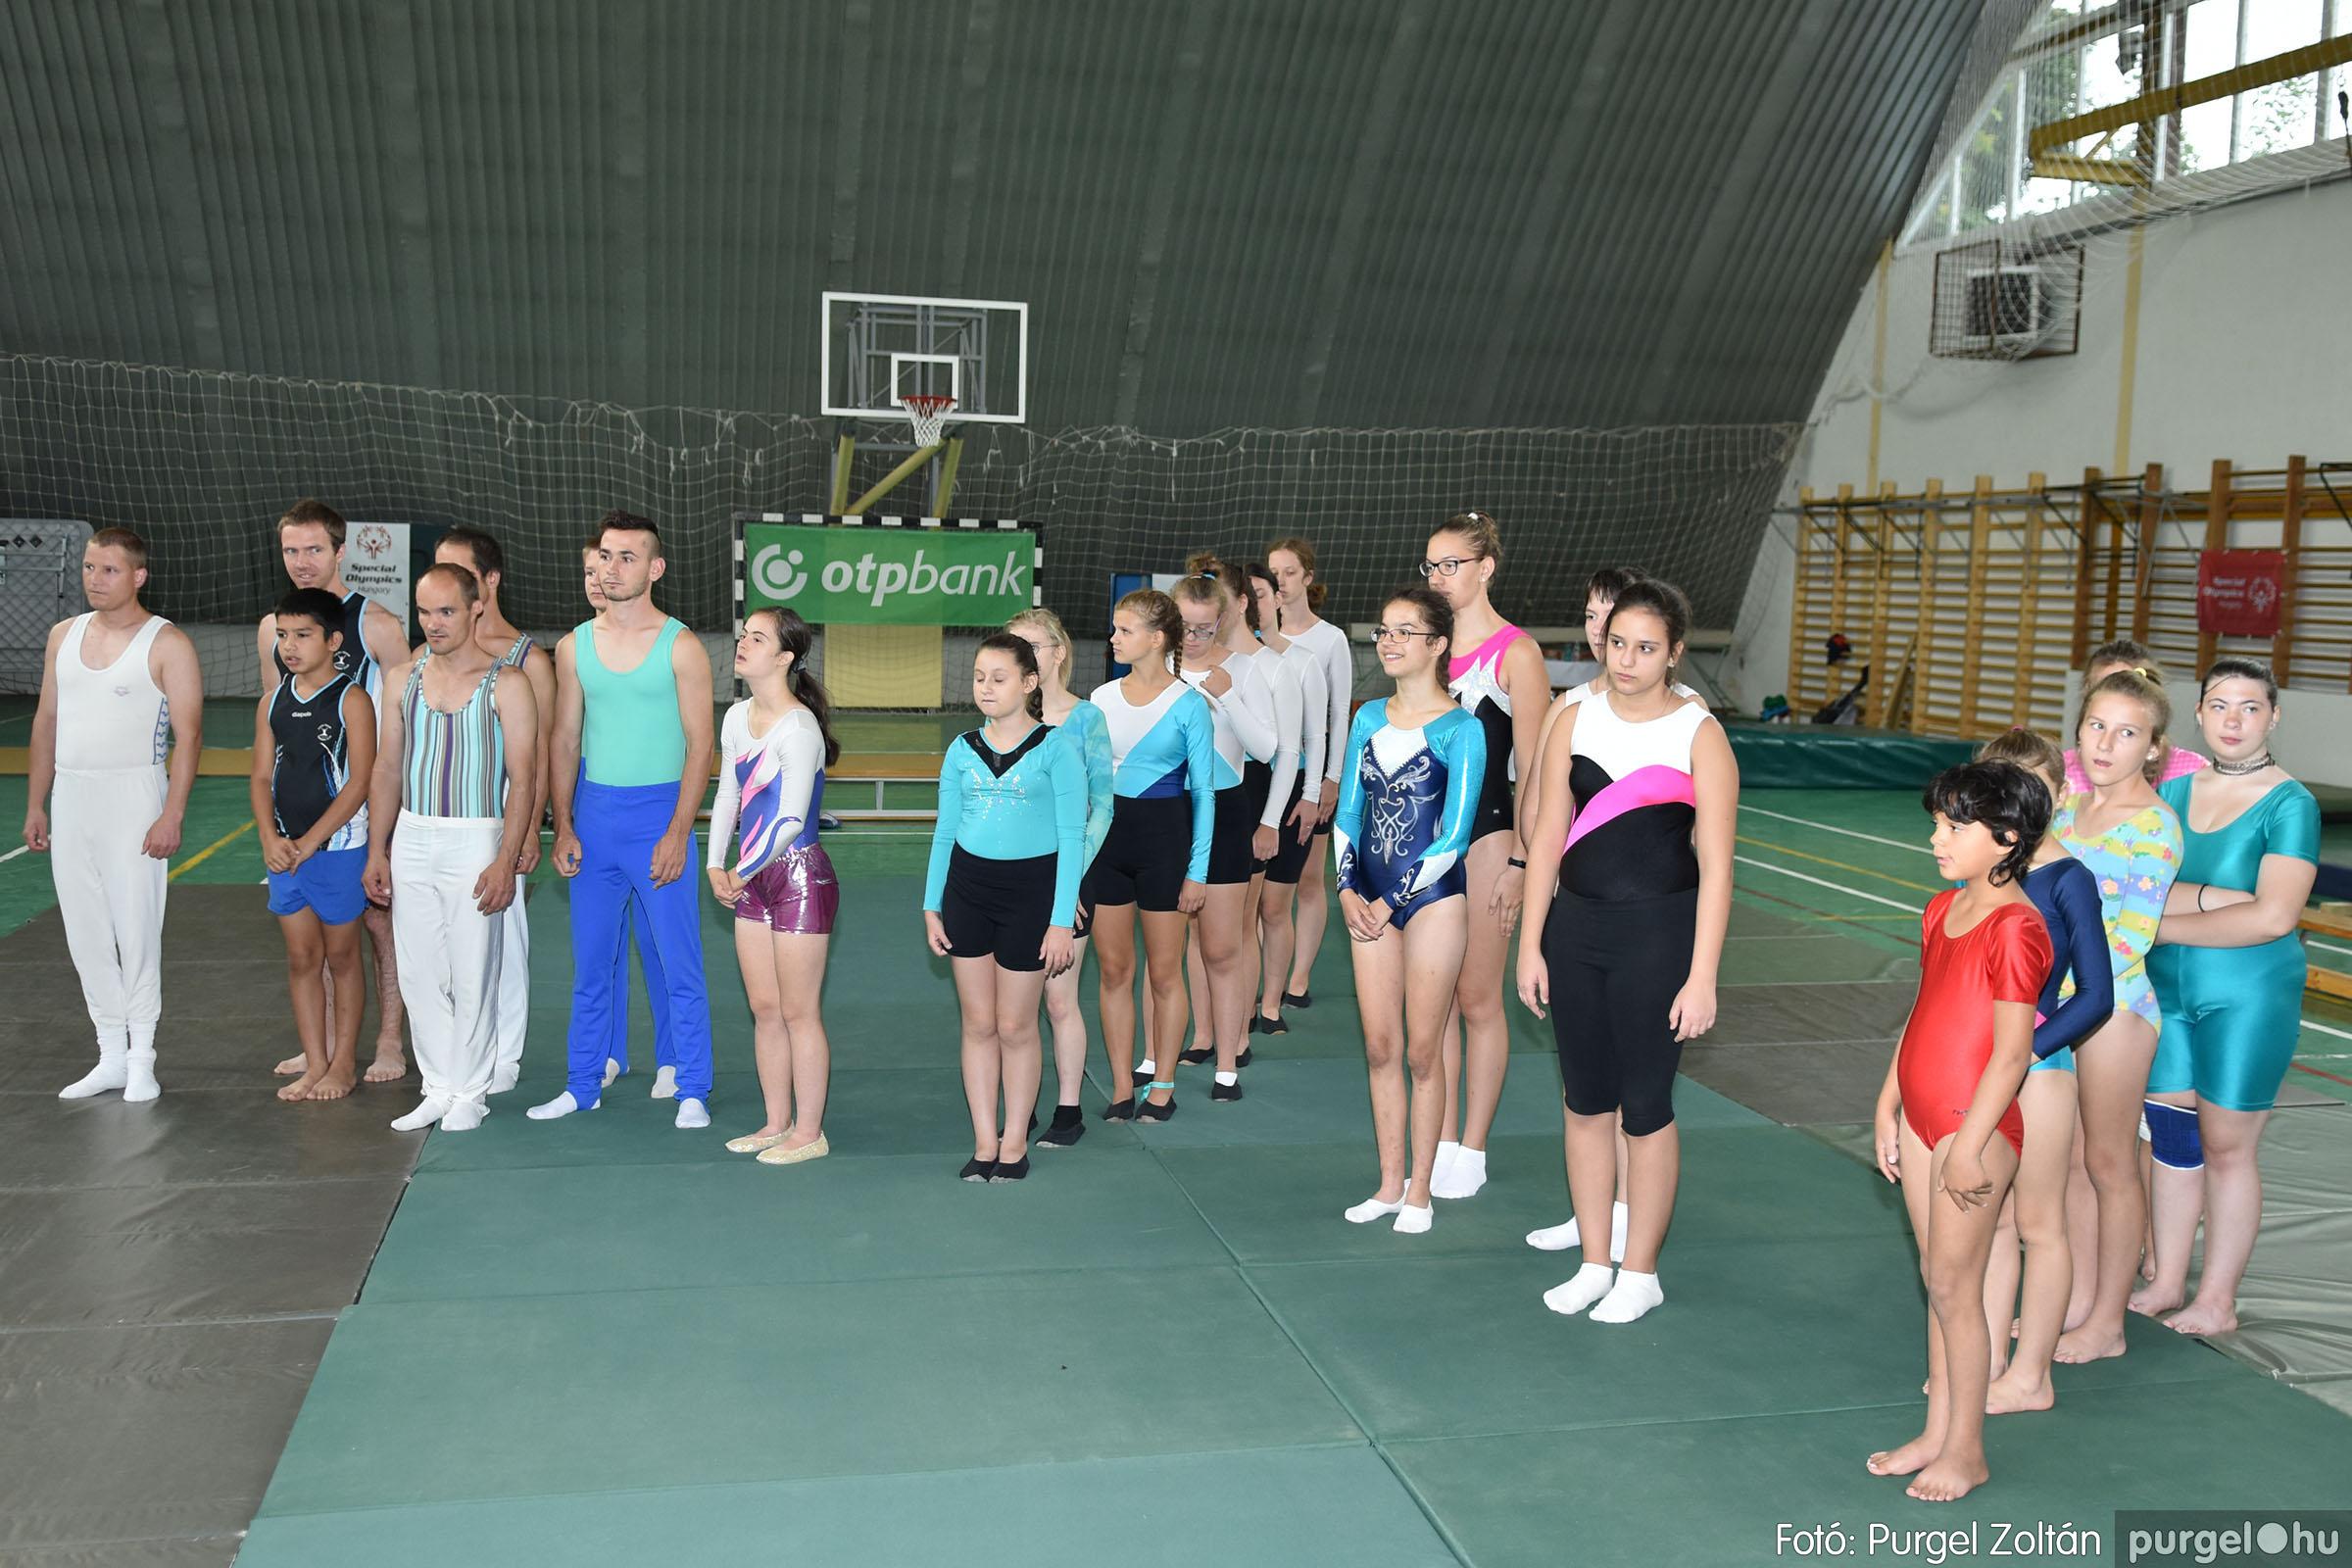 2021.08.27. 004 VII. Speciális Olimpia Nyári Nemzeti Játékok szegvári megnyitója.jpg